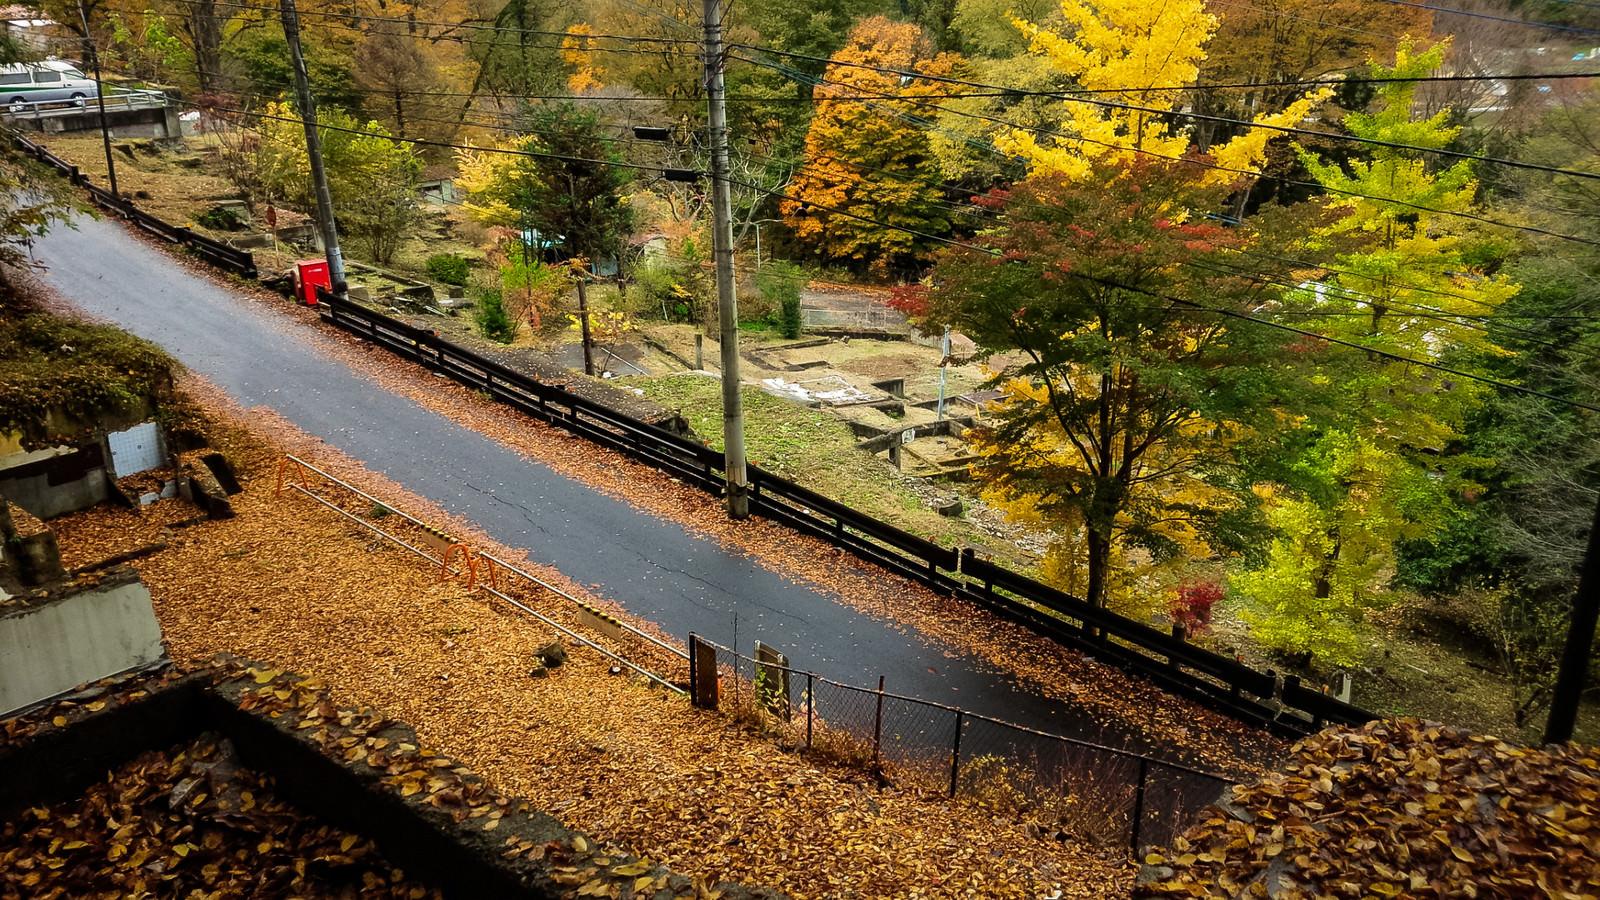 「黄葉の時期と旧川原湯温泉街跡」の写真